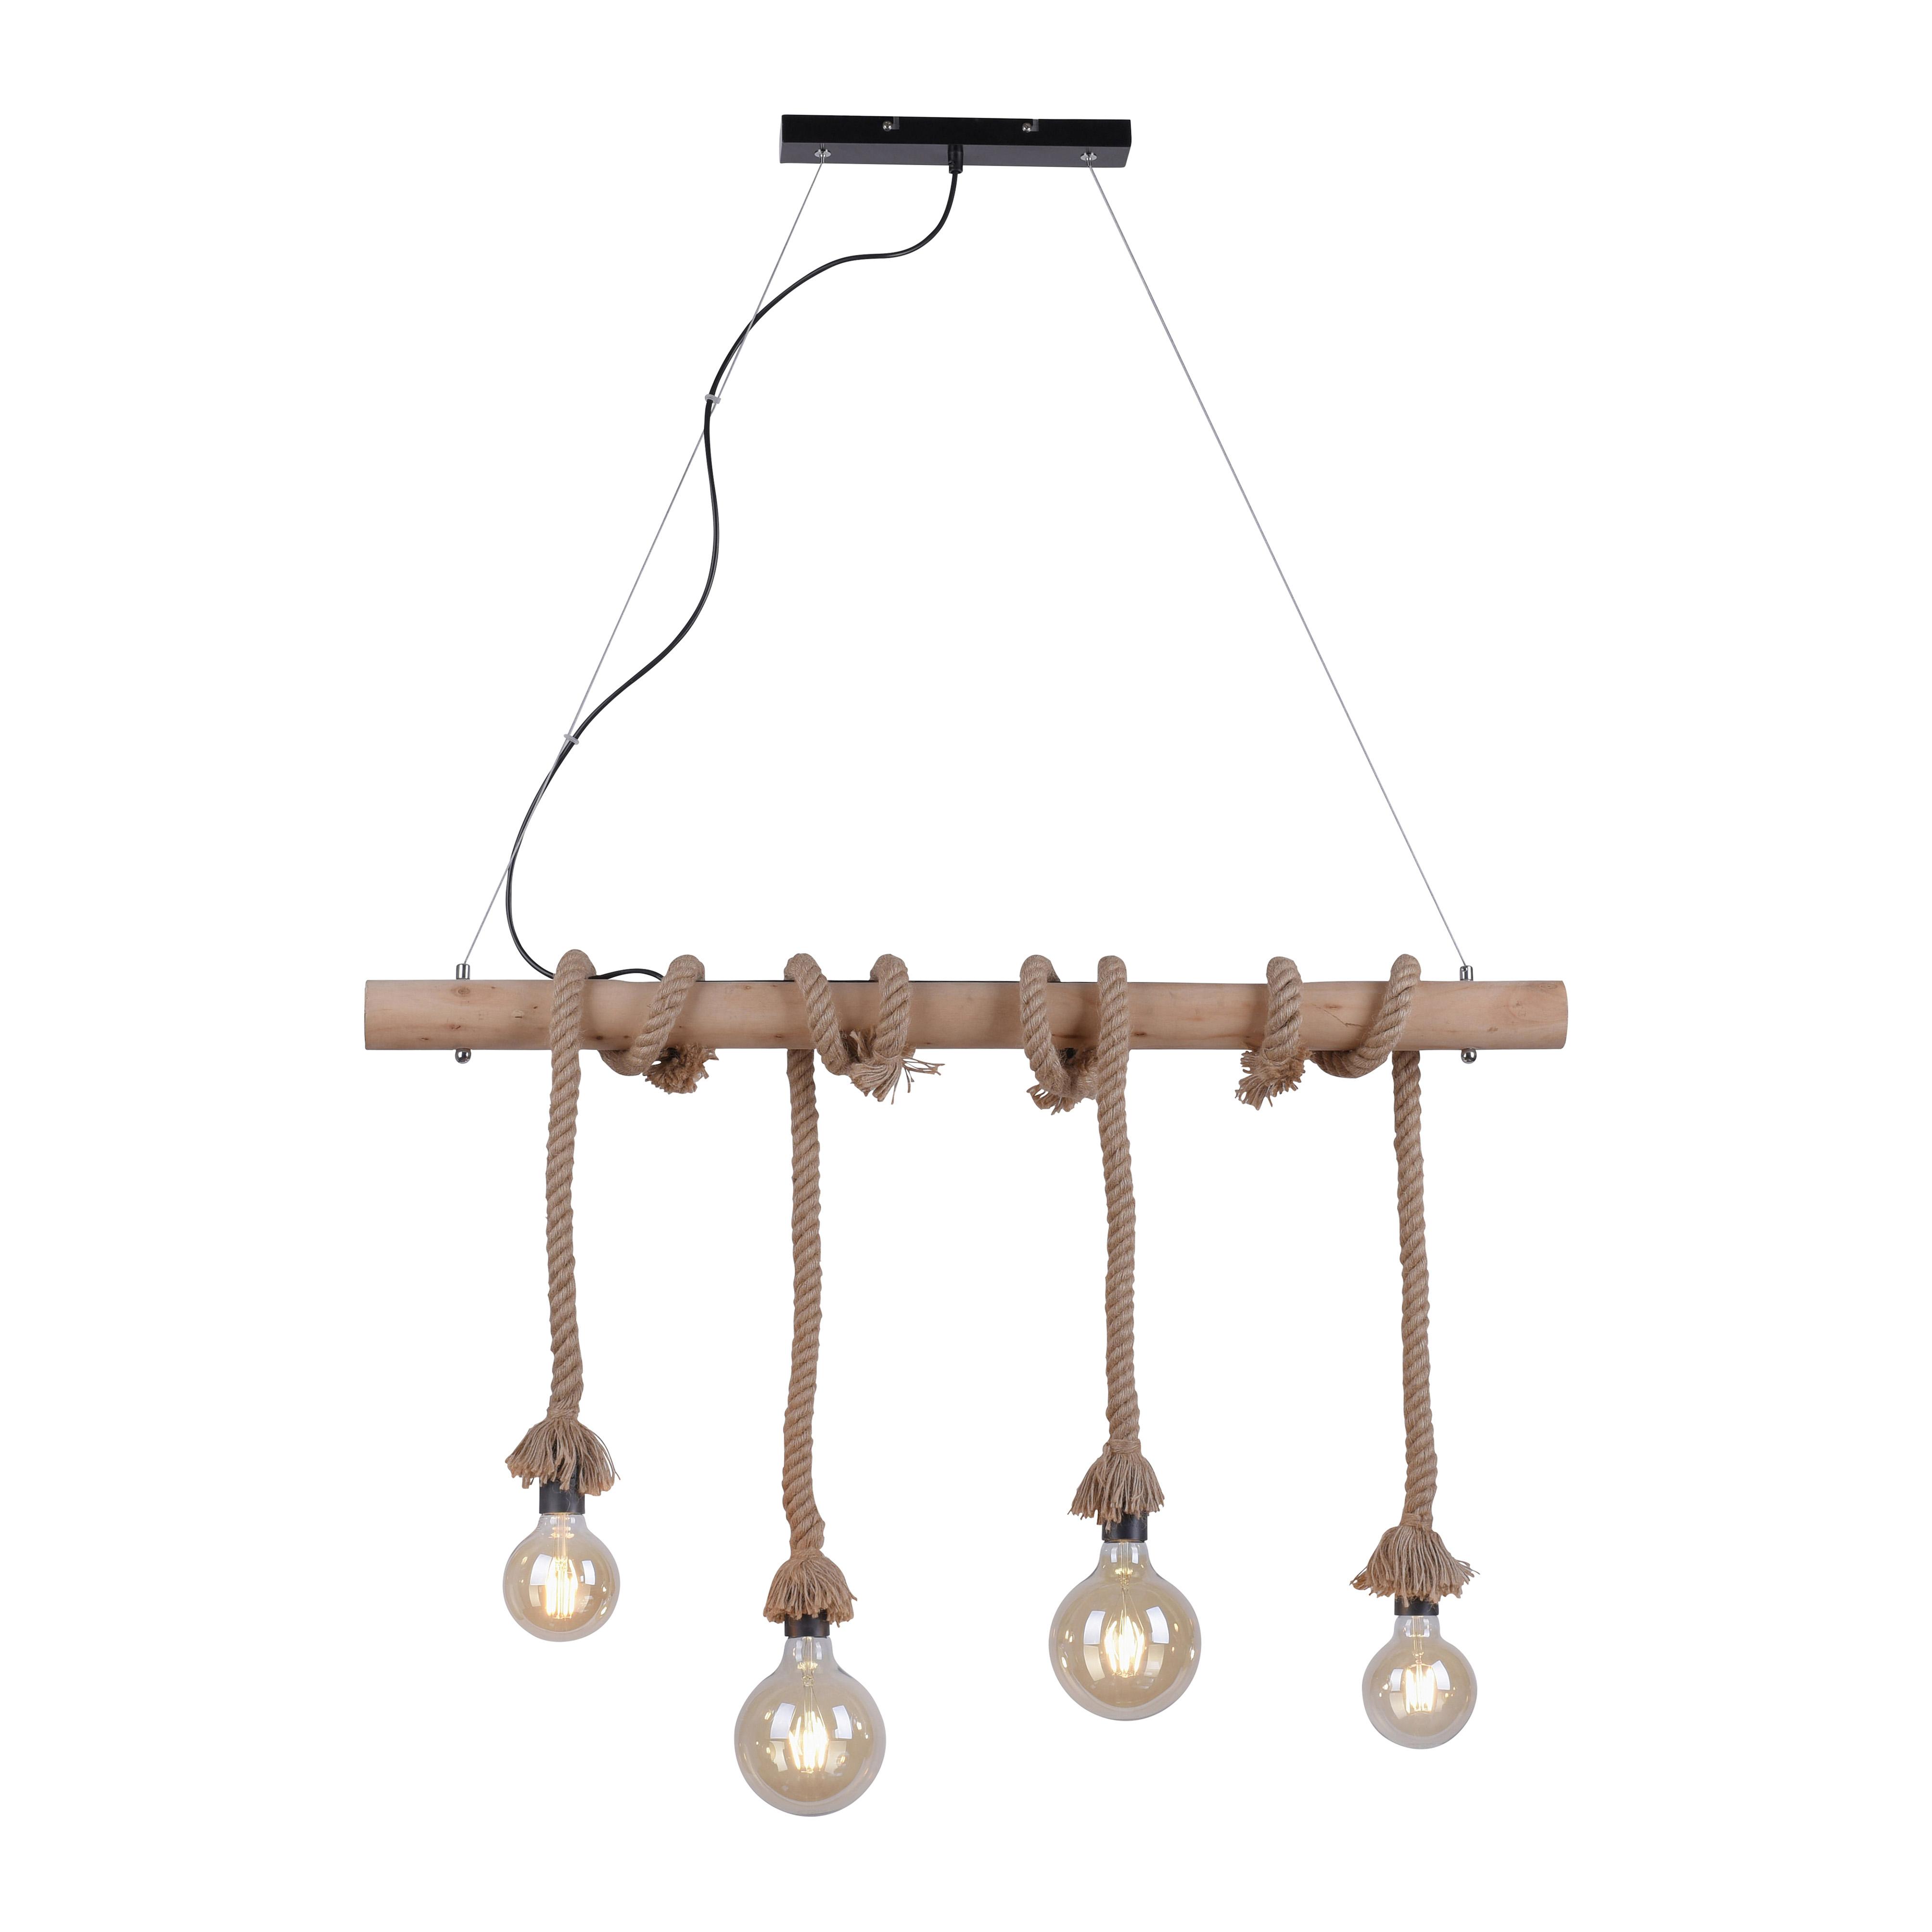 Landelijke hanglamp van touw 4-lichts - Ropa